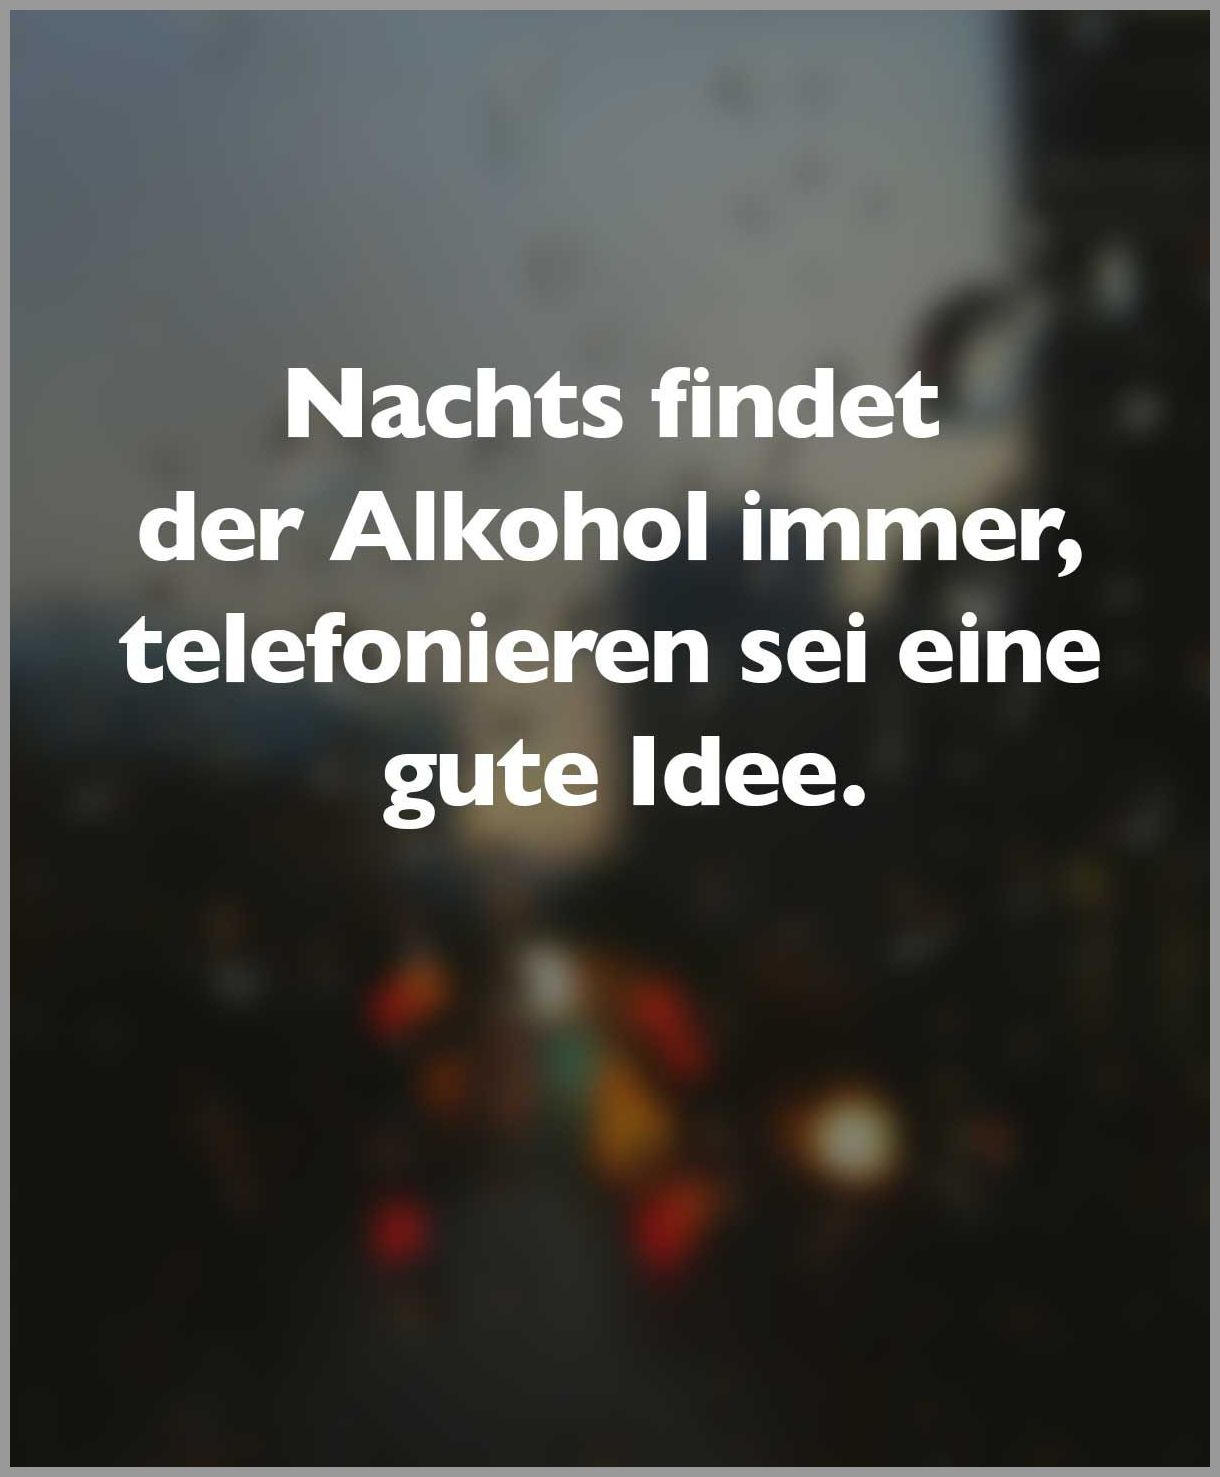 Nachts findet der alkohol immer telefonieren sei eine gute idee - Nachts findet der alkohol immer telefonieren sei eine gute idee